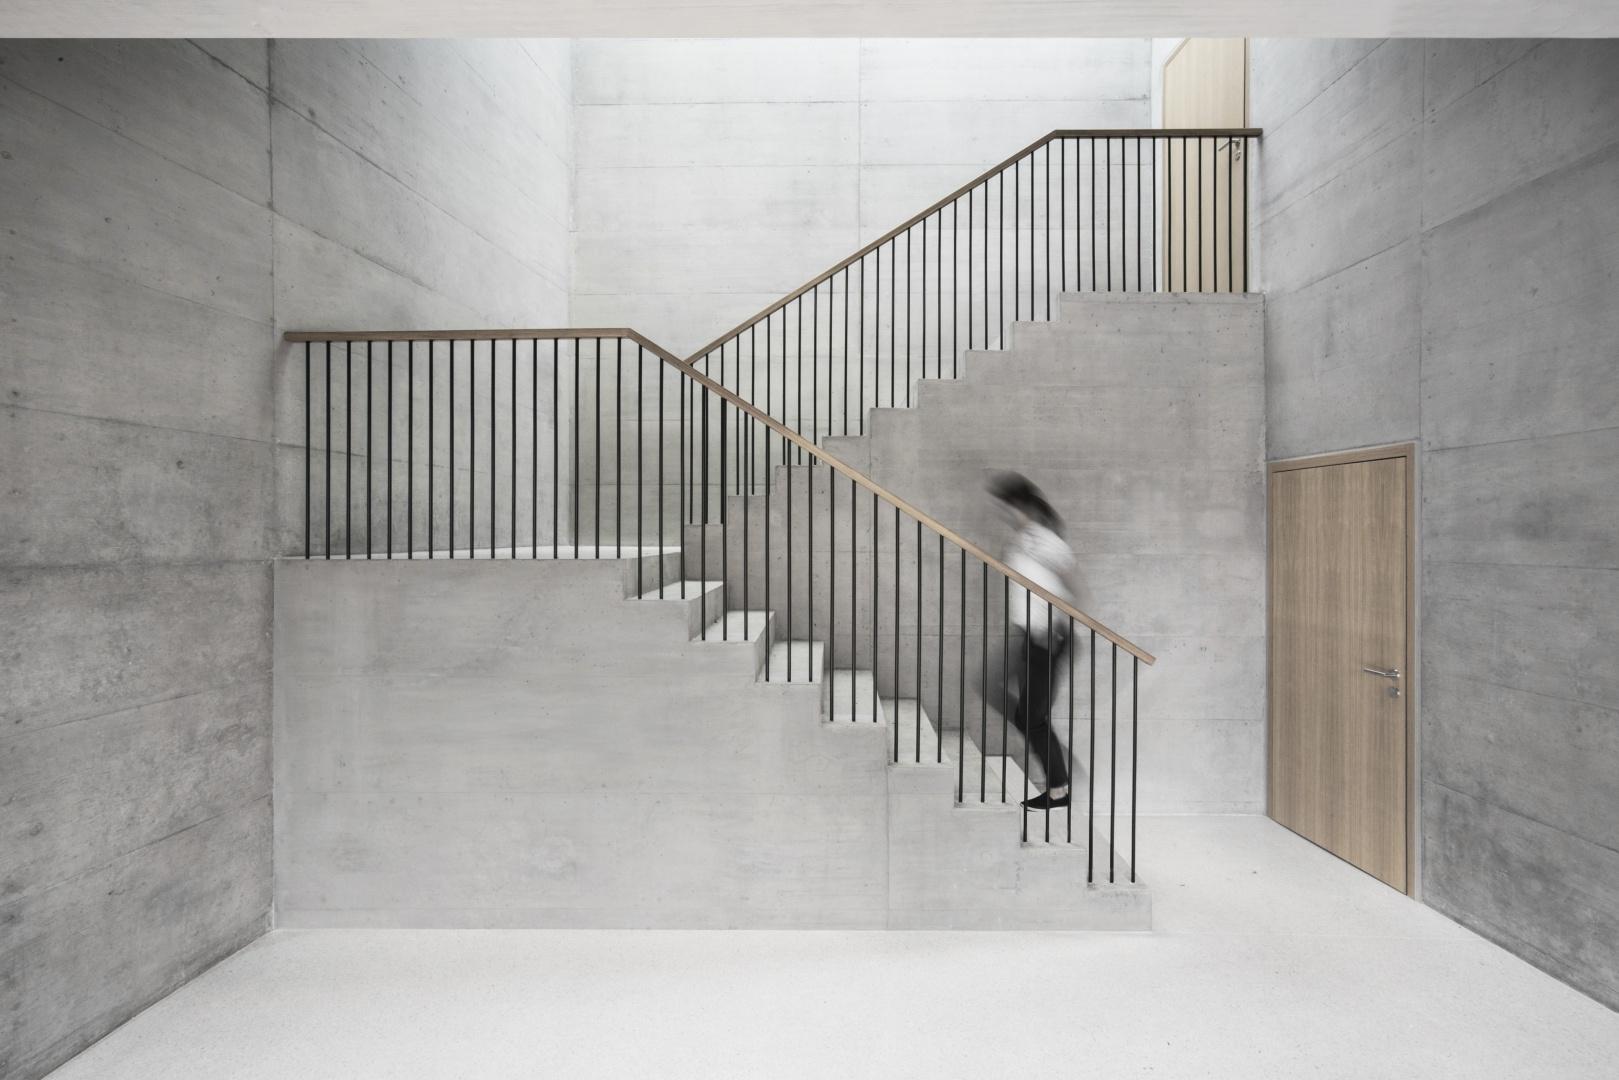 Ansicht 1 Treppe  © Fruehauf, Henry & Viladoms